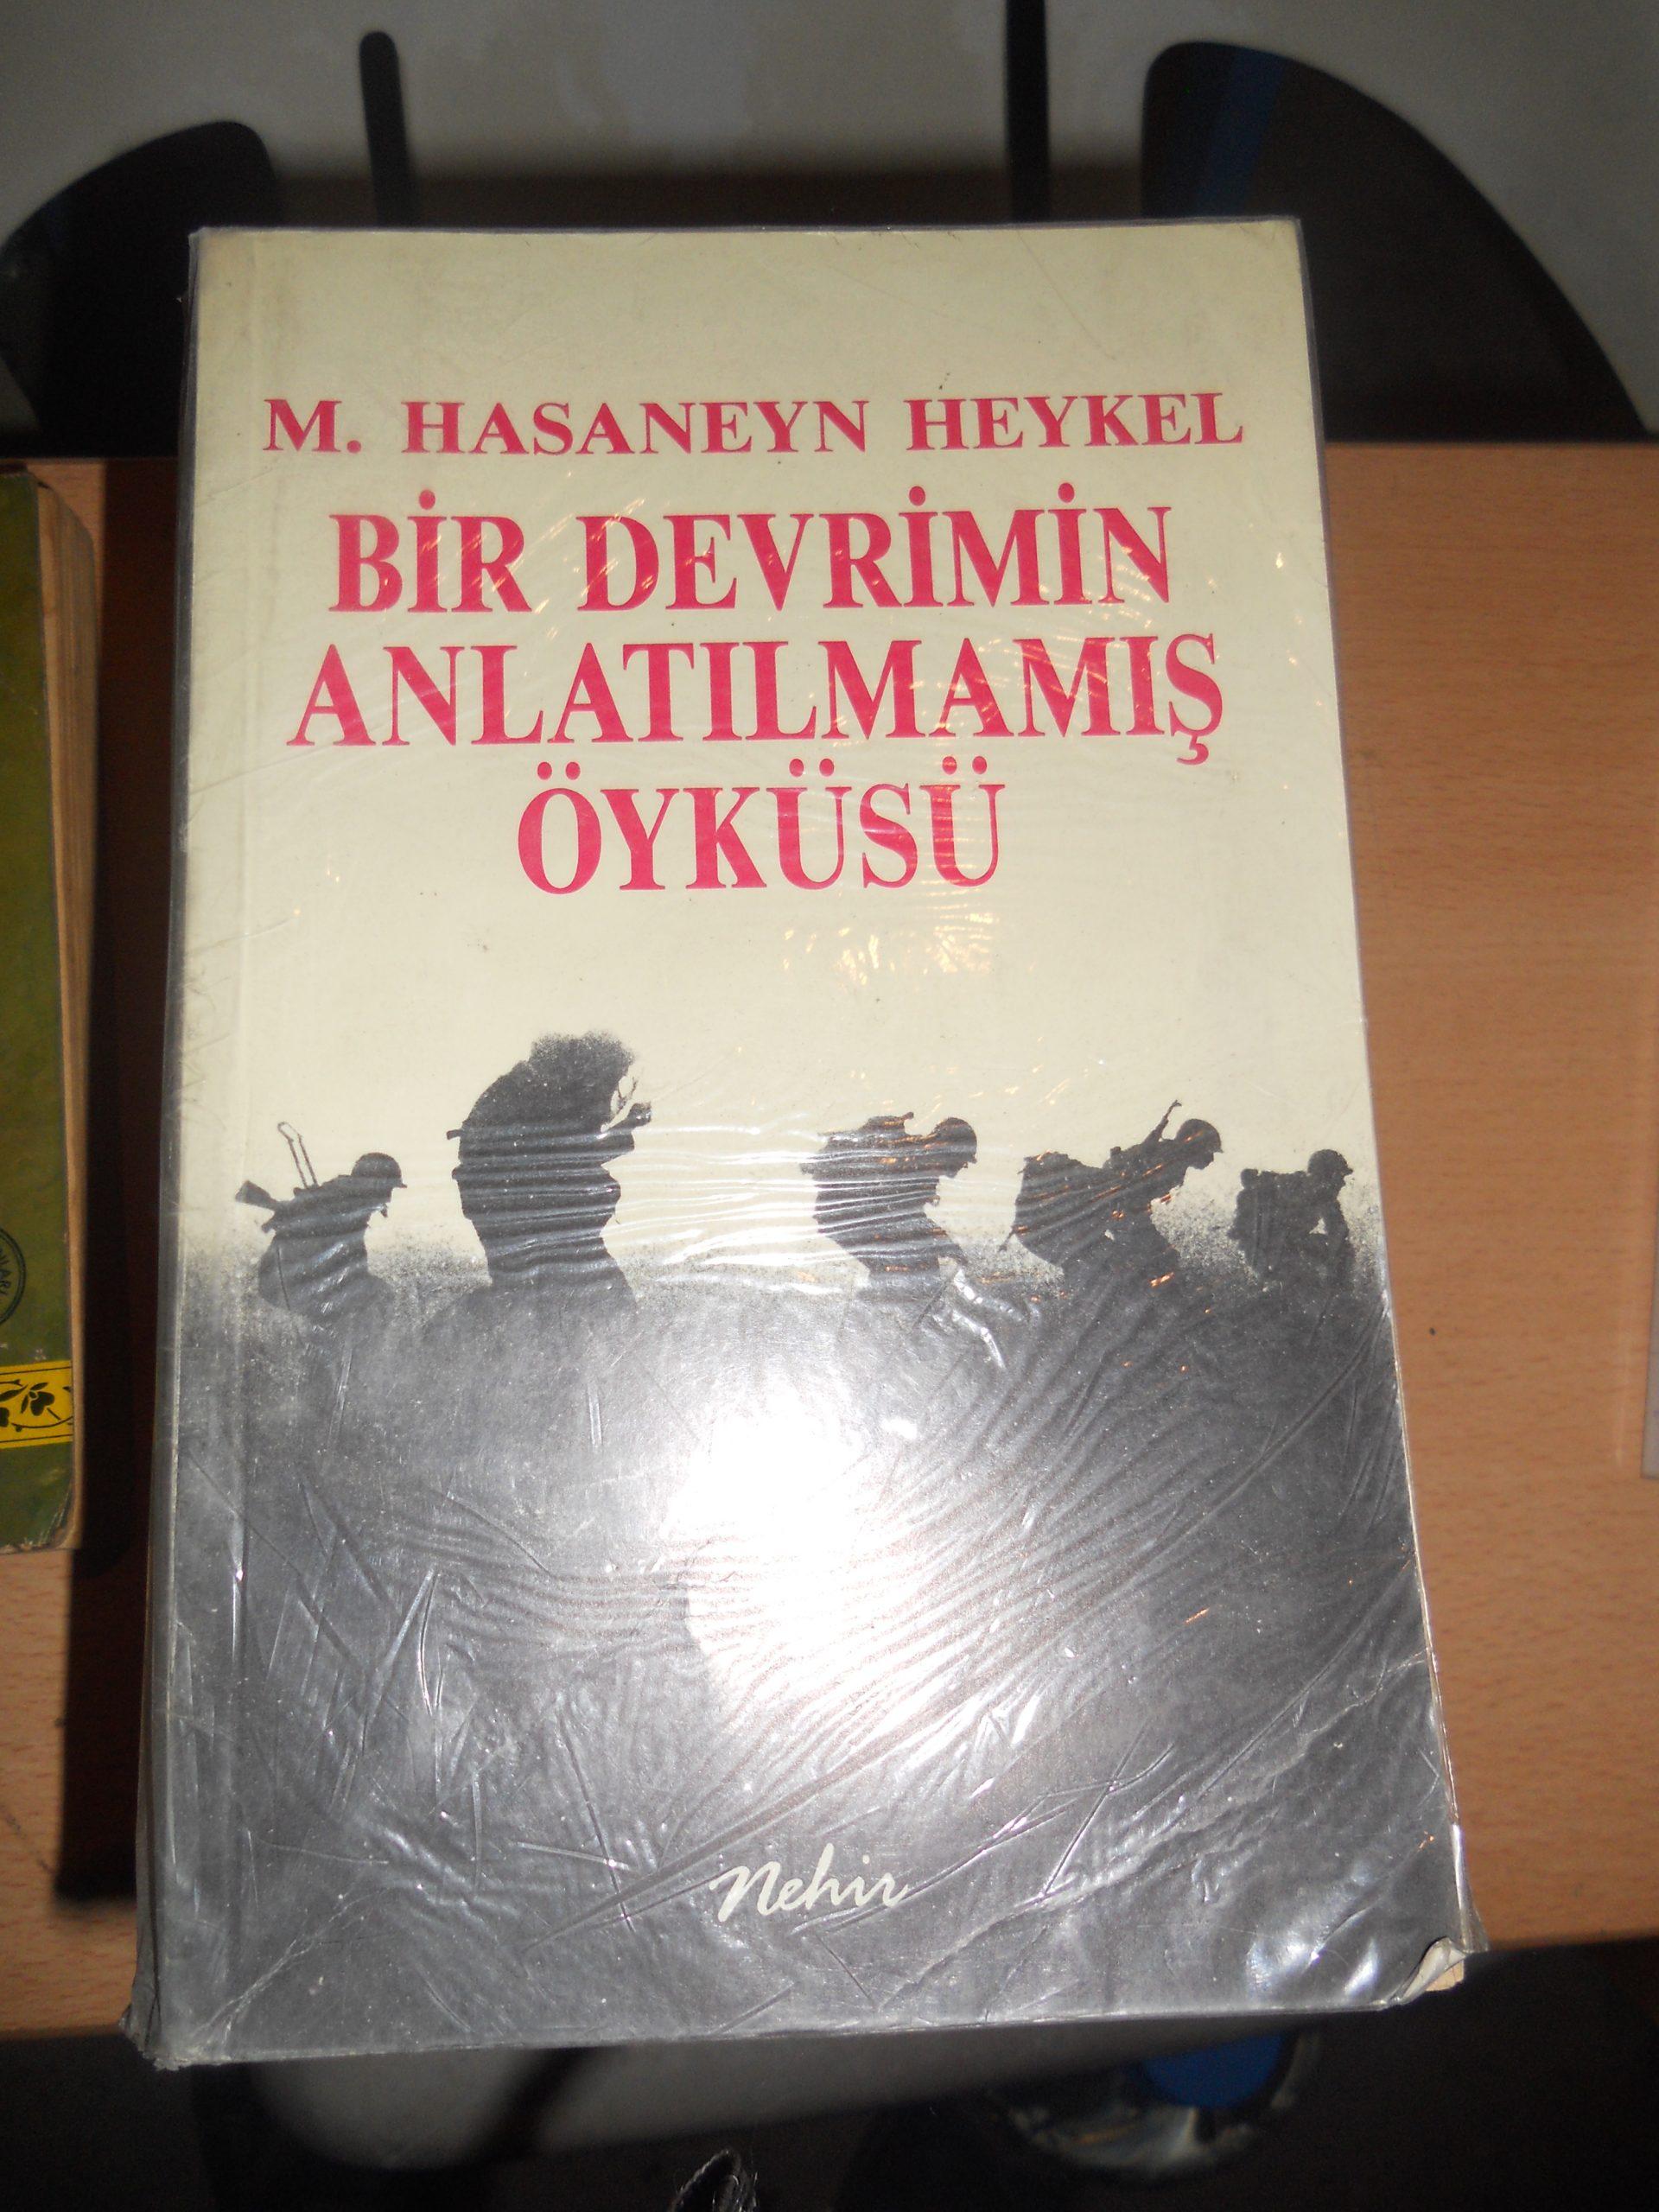 BİR DEVRİMİN ANLATILMAMIŞ ÖYKÜSÜ/ M.Hasaneyn HEYKEL/ 15 tl